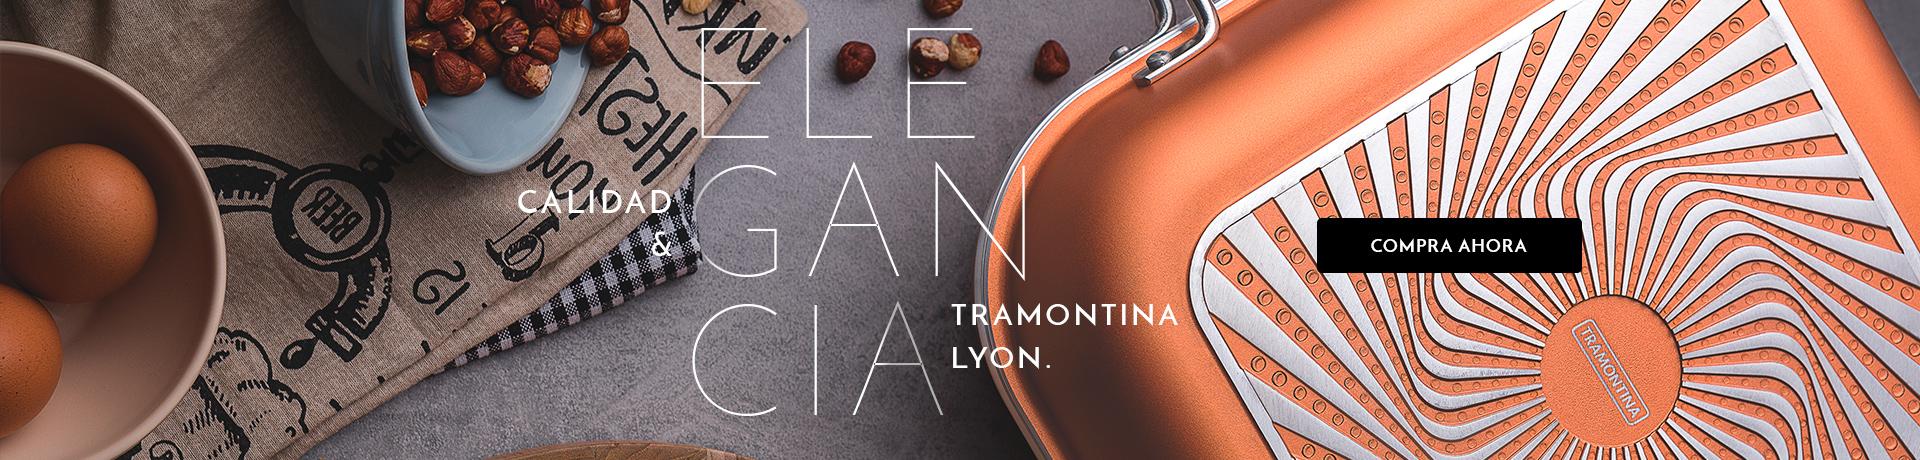 Banner Tramontina Lyon